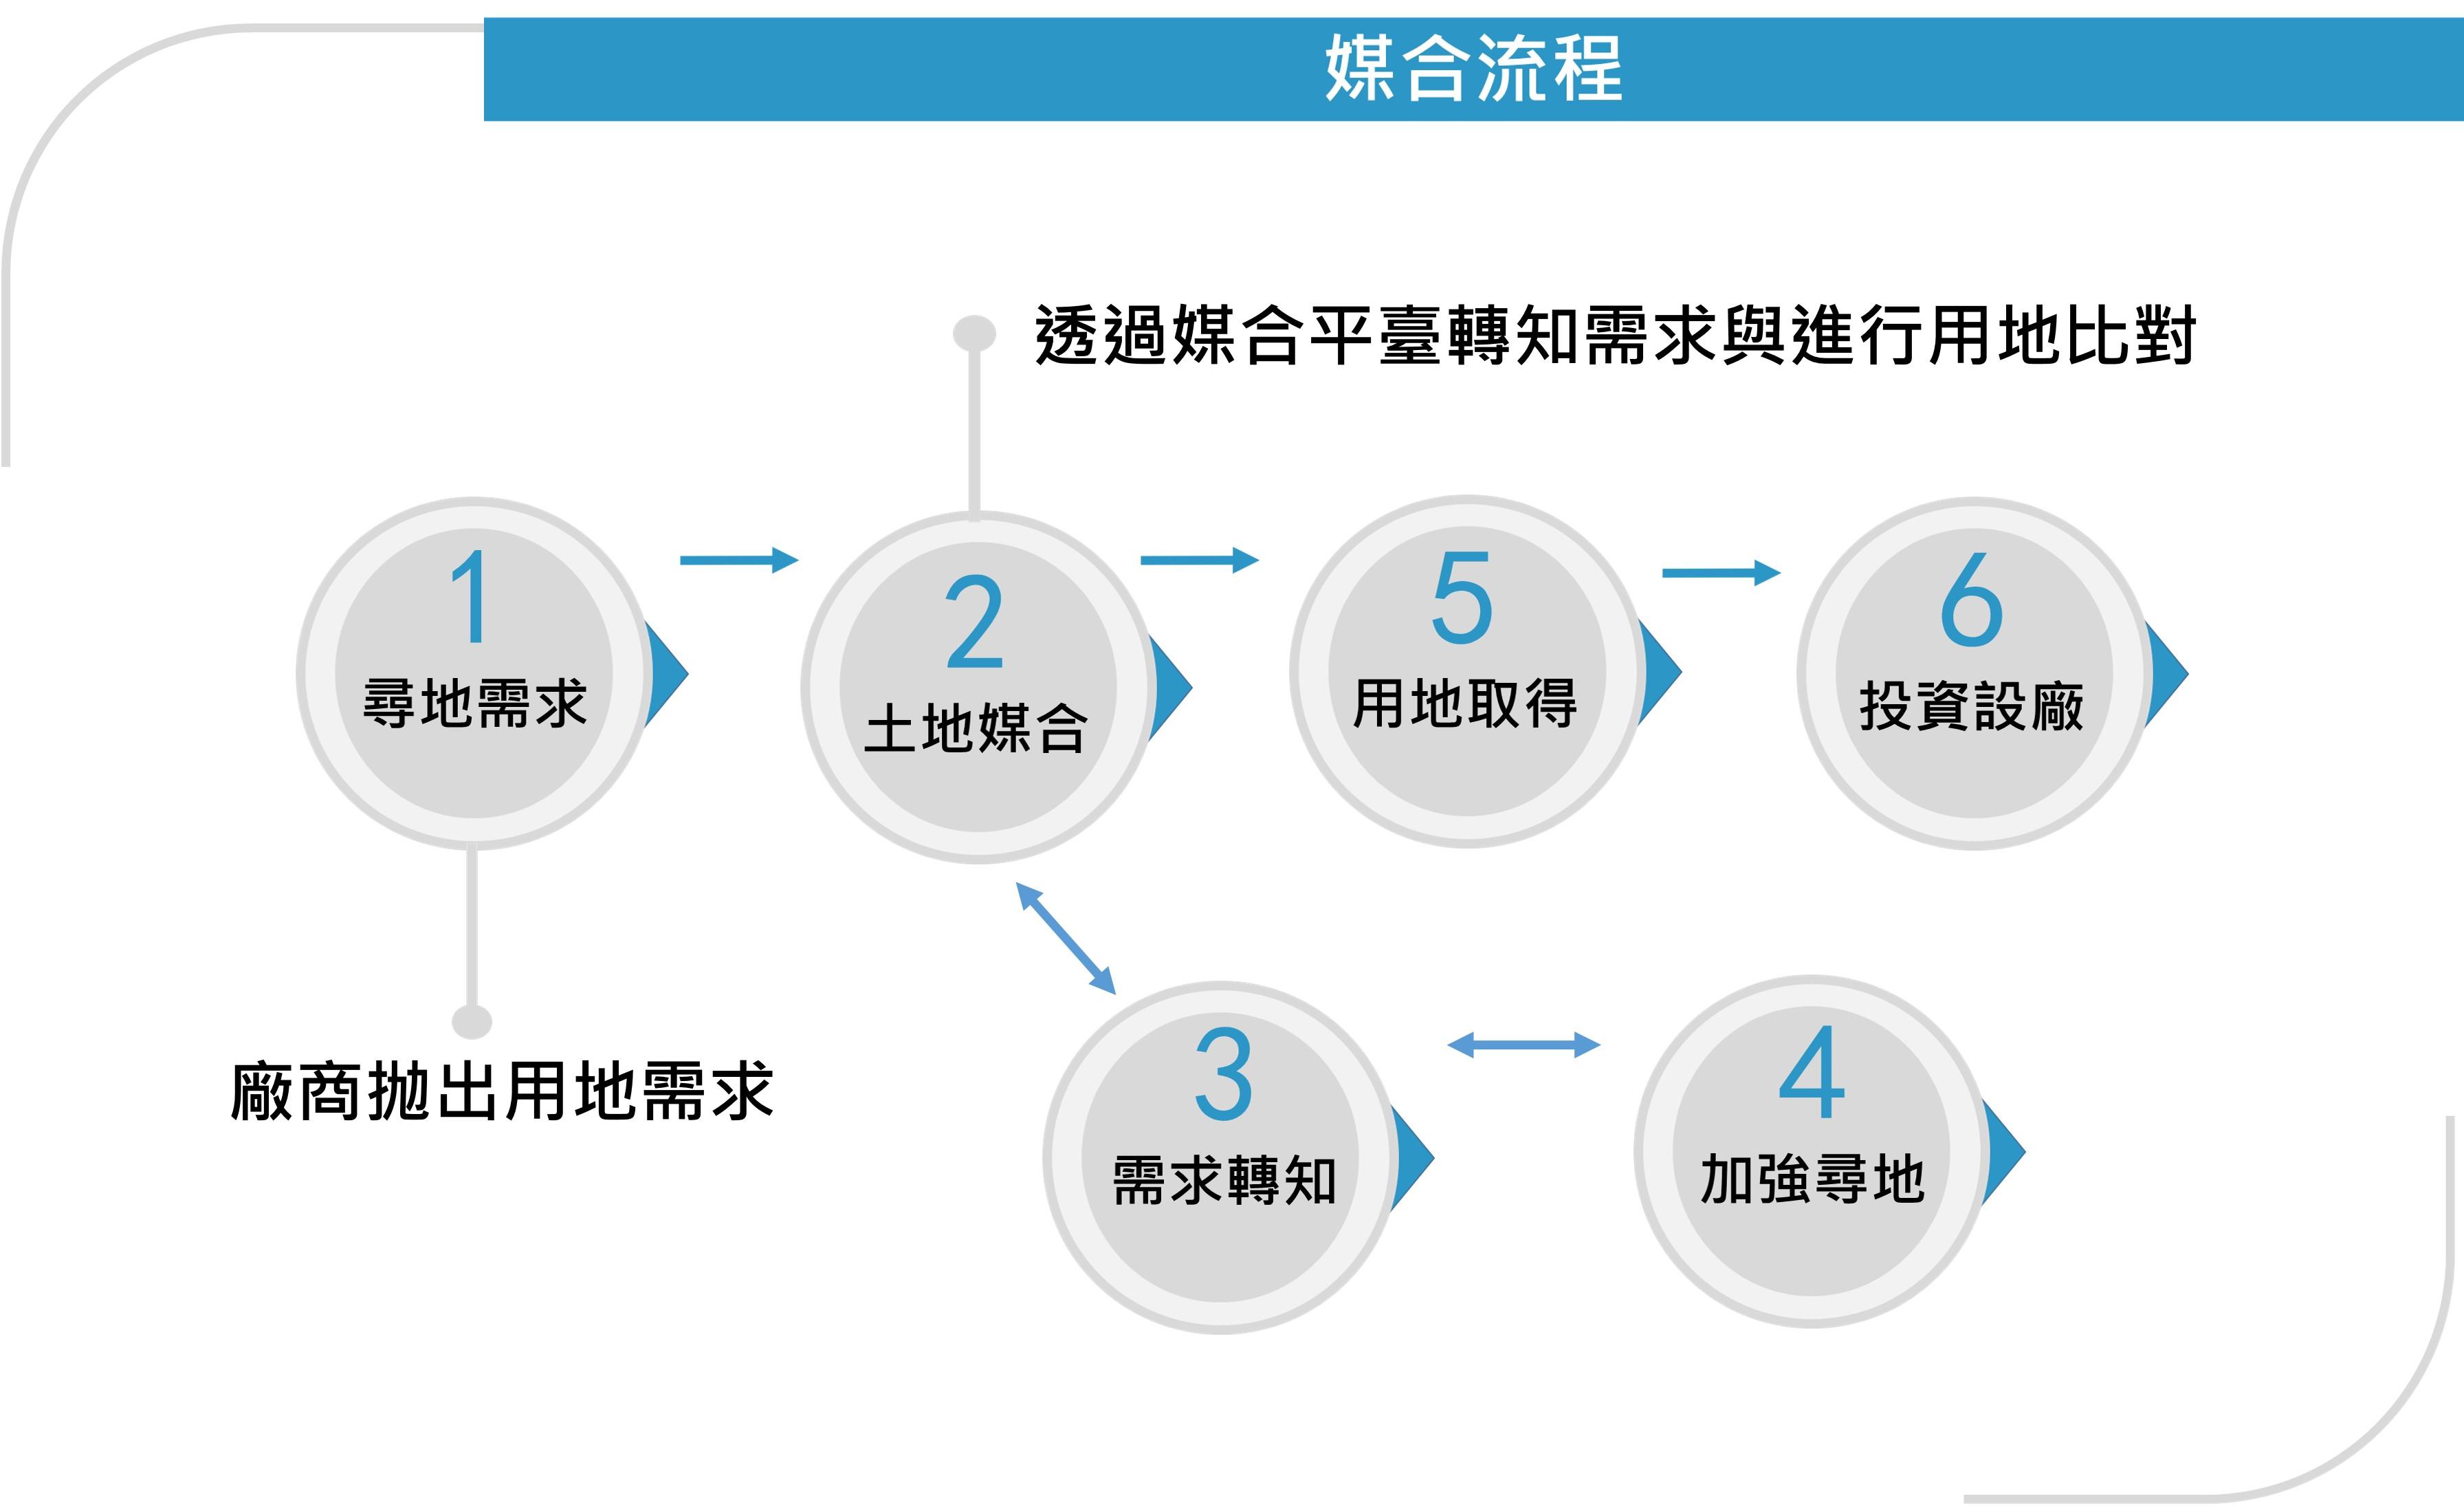 產業投資標的供需媒合平臺流程圖